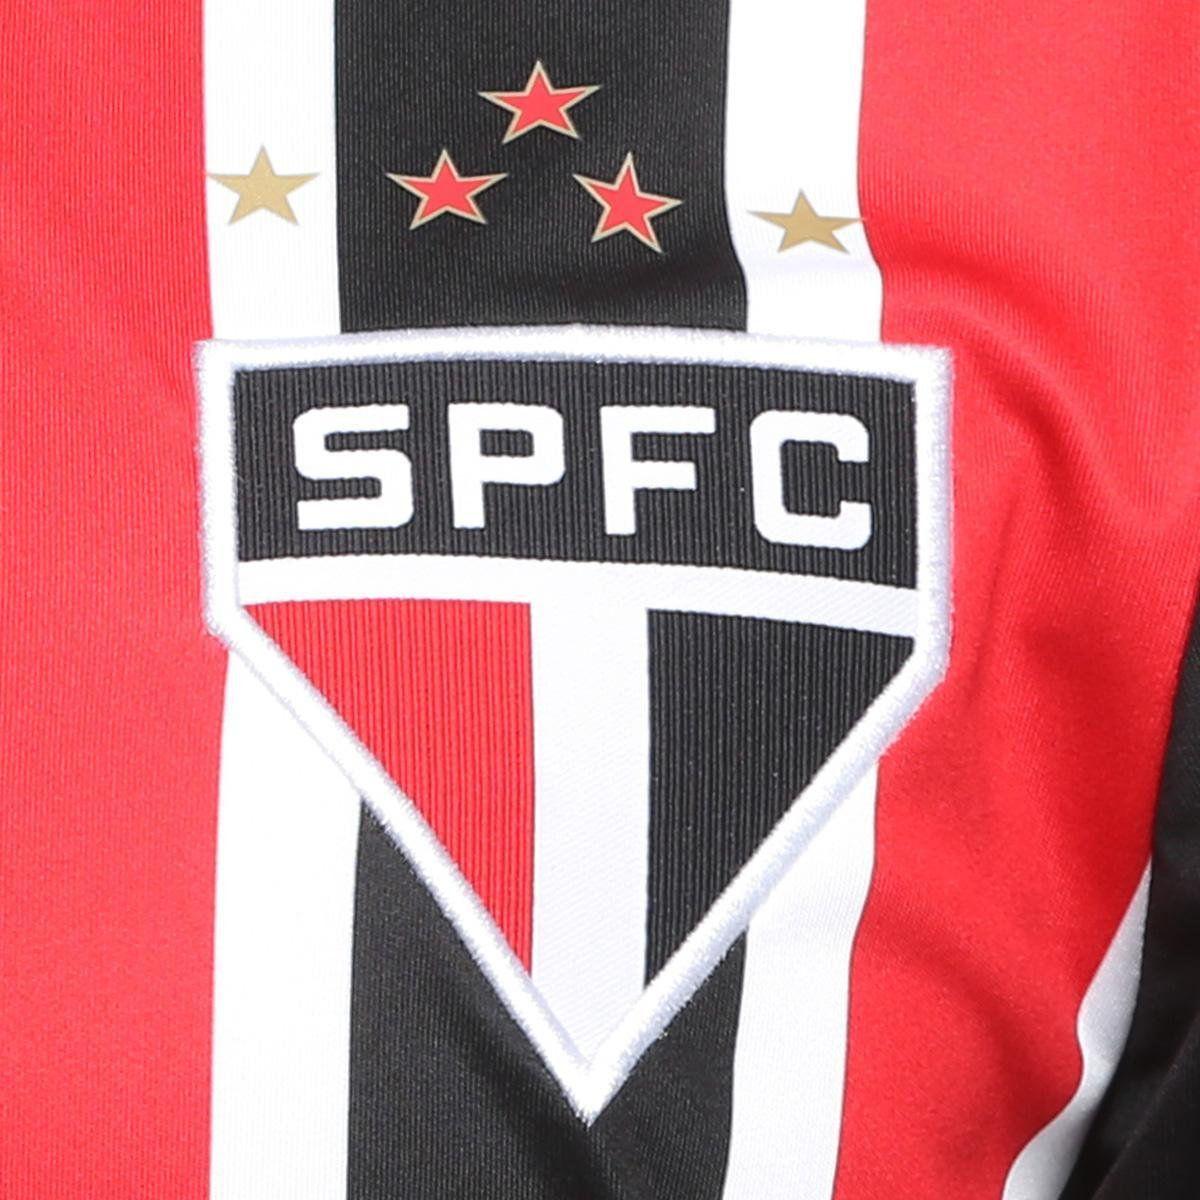 Camisa São Paulo II 2018 Torcedor Adidas - Titanes Esportes 926d4a219890e